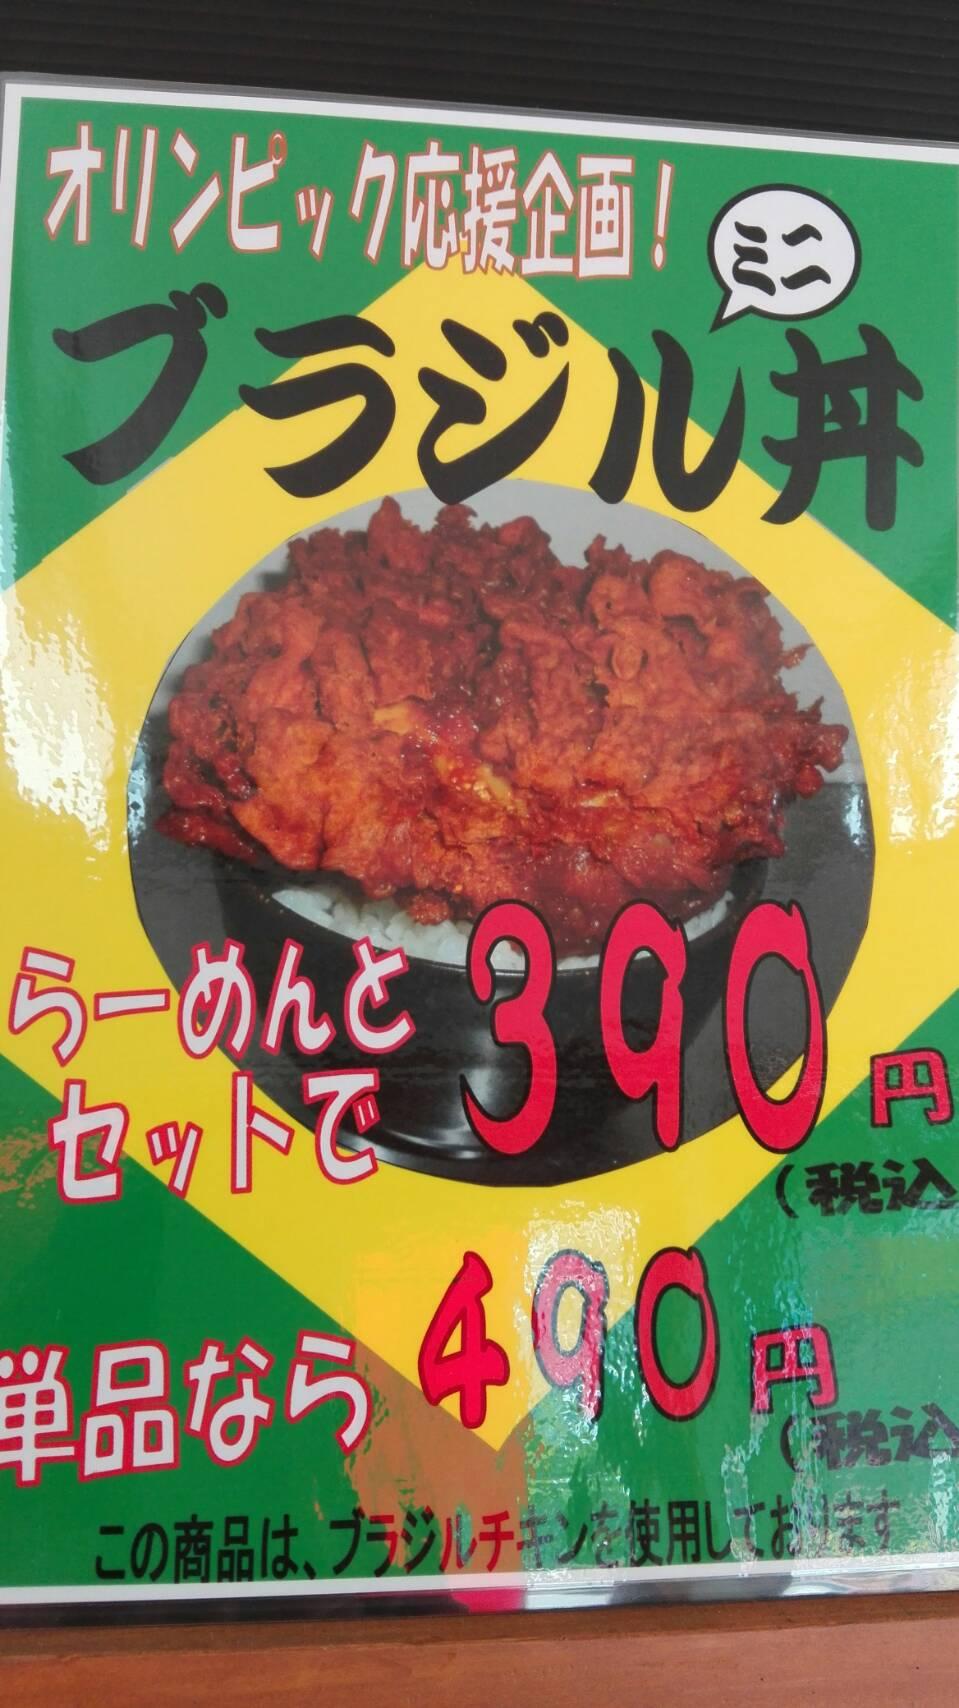 オリンピック応援企画ブラジル丼!かなりのインパクト(〃∇〃)ラーメンと一緒で、大満足🈵😃✨